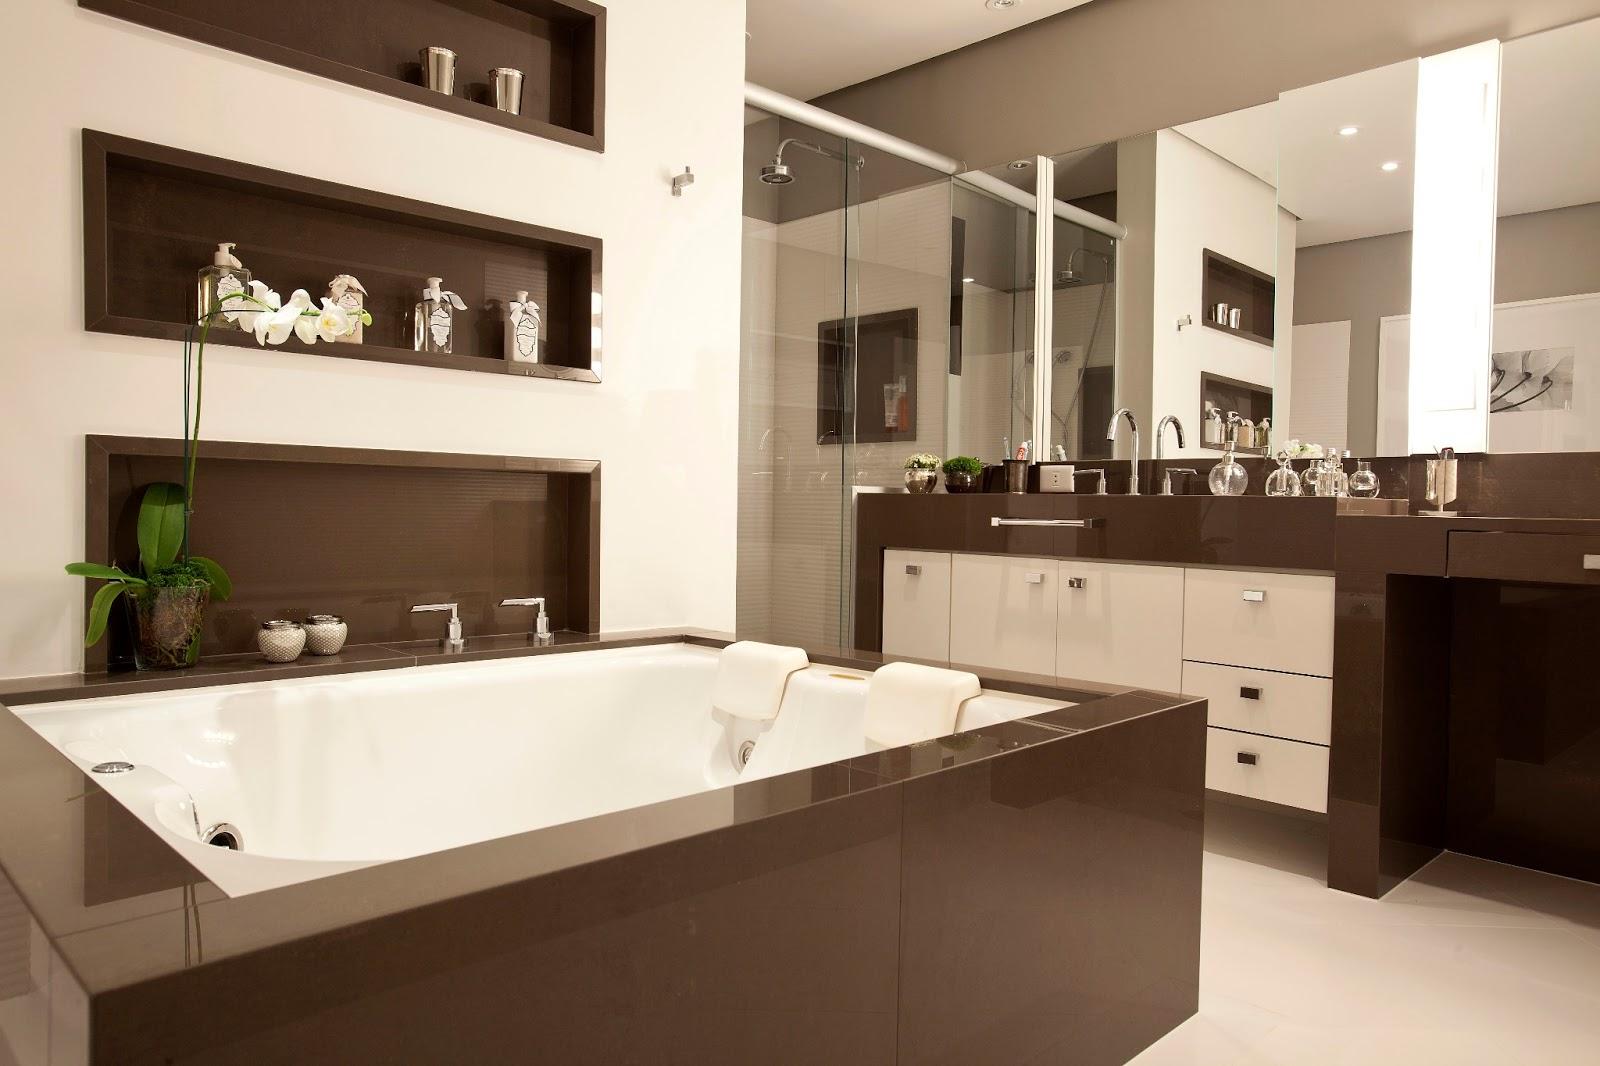 Projeto de banheiro feminino by Eliane Sampaio Interiores. #495D13 1600 1066